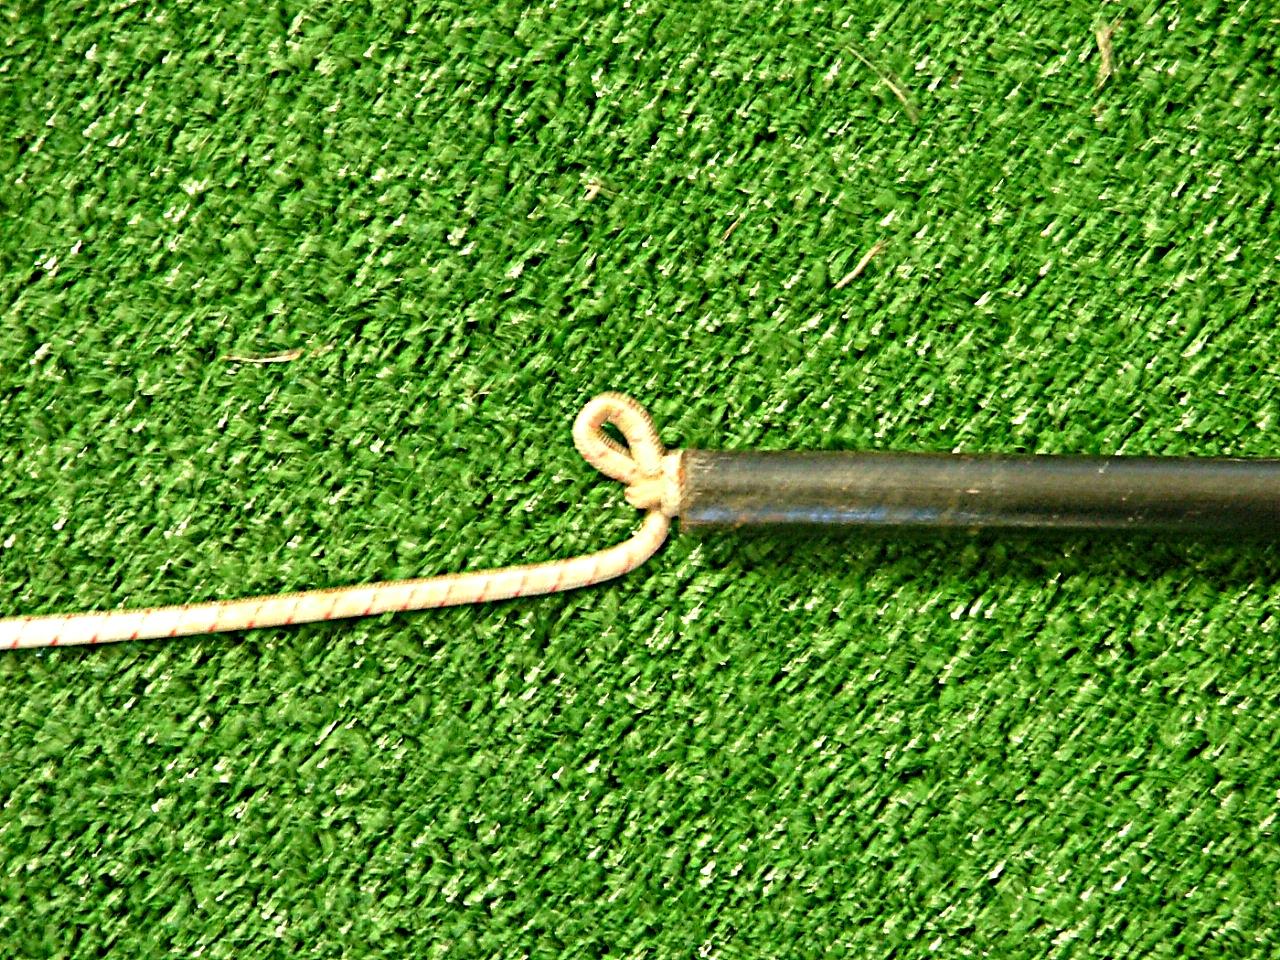 slip-knot-2.jpg